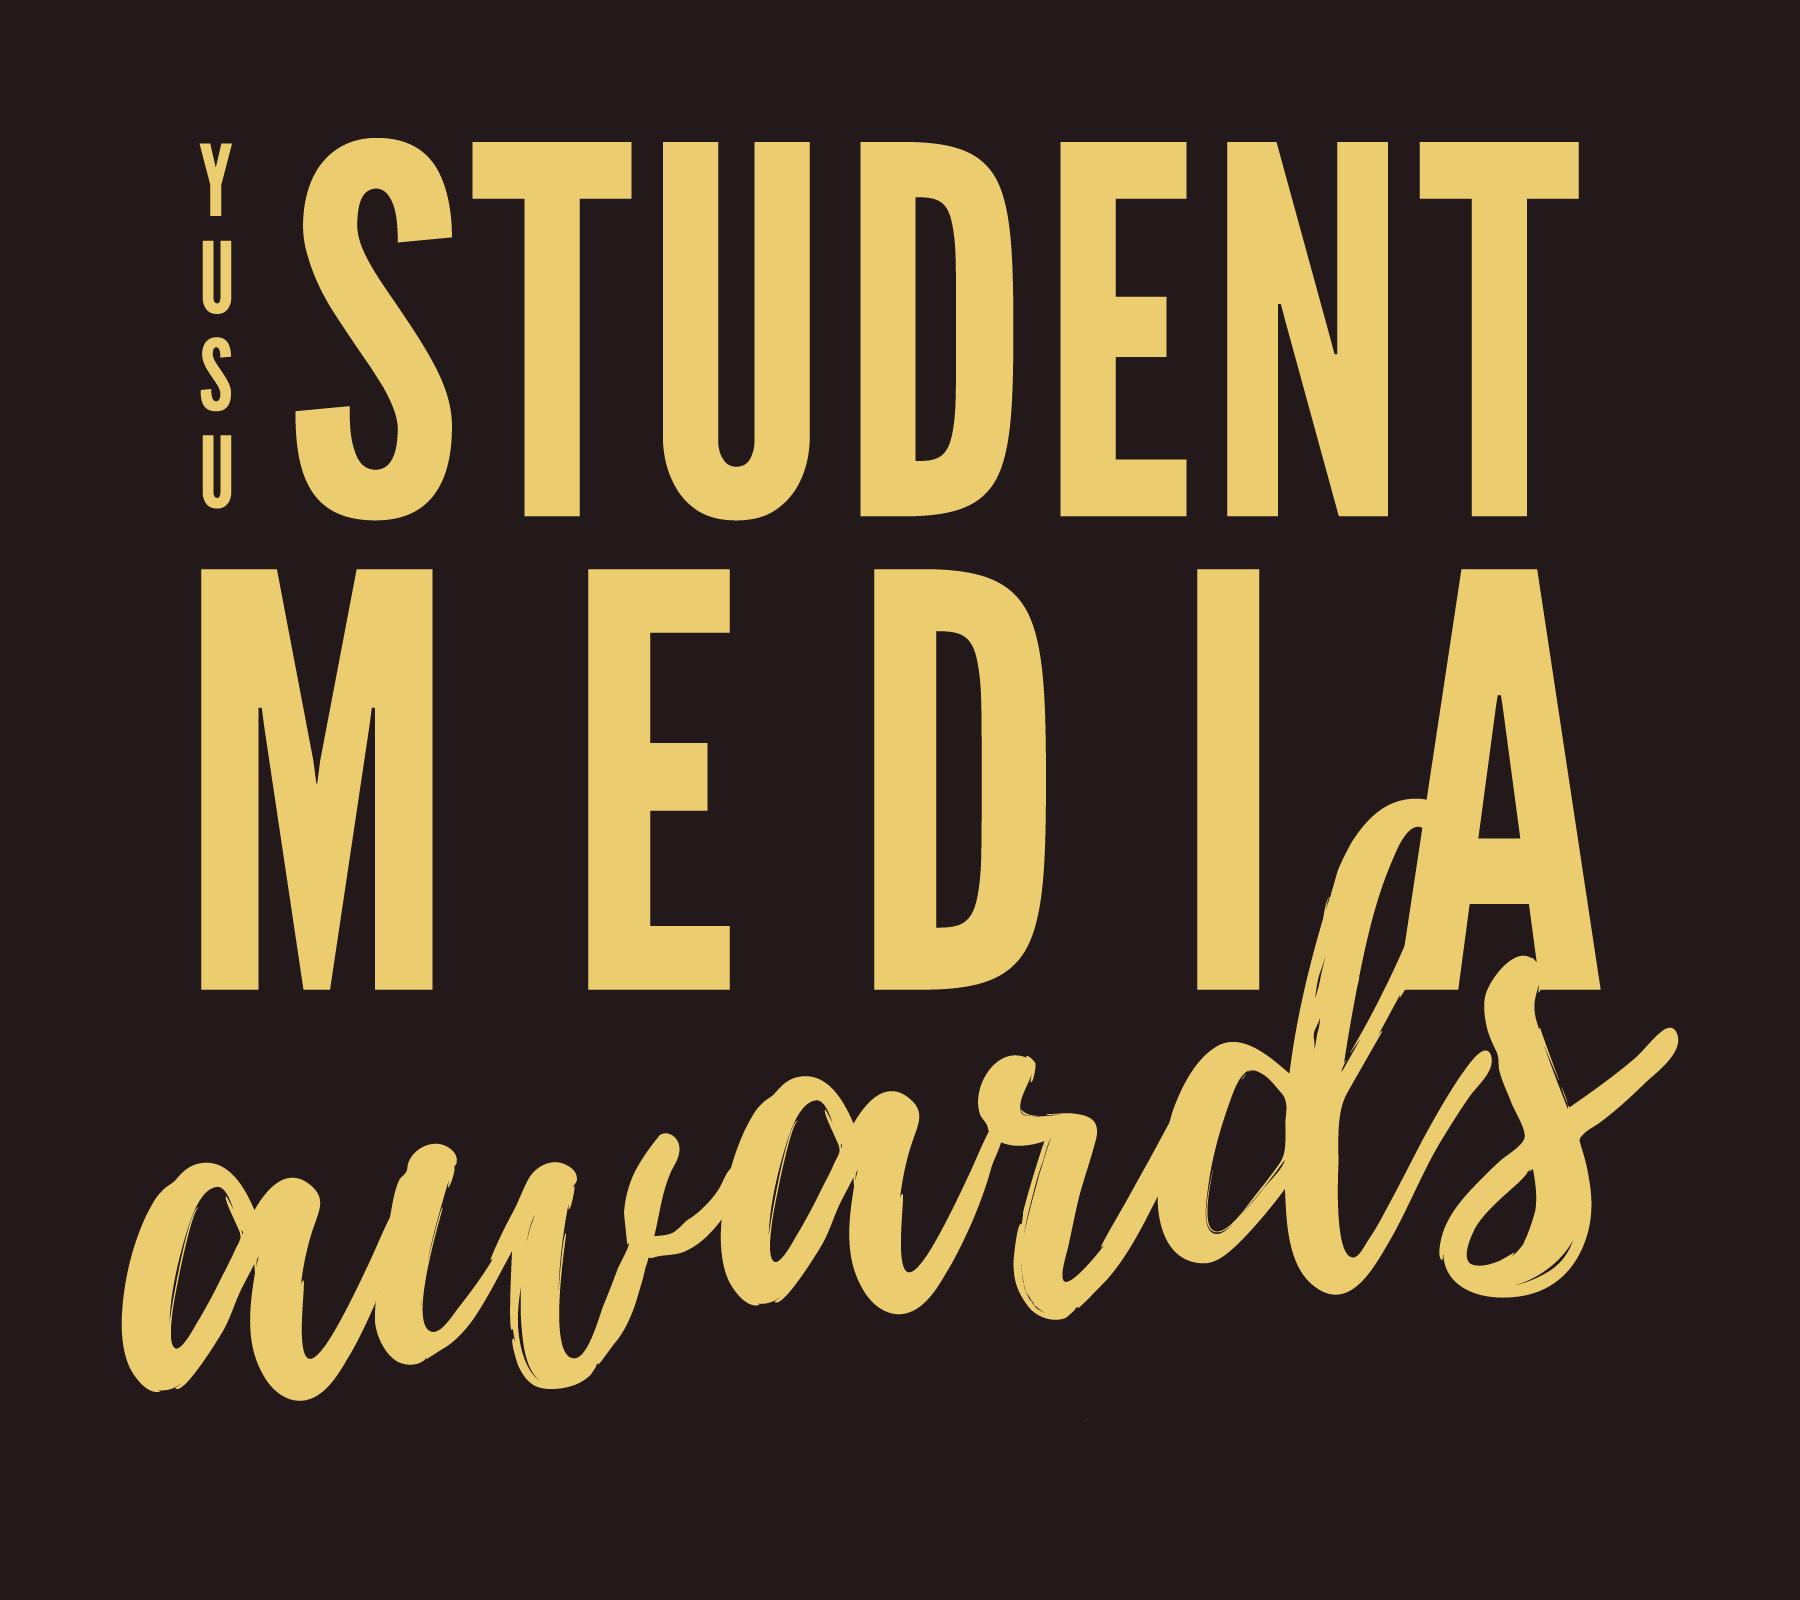 YUSU Student Media Awards logo